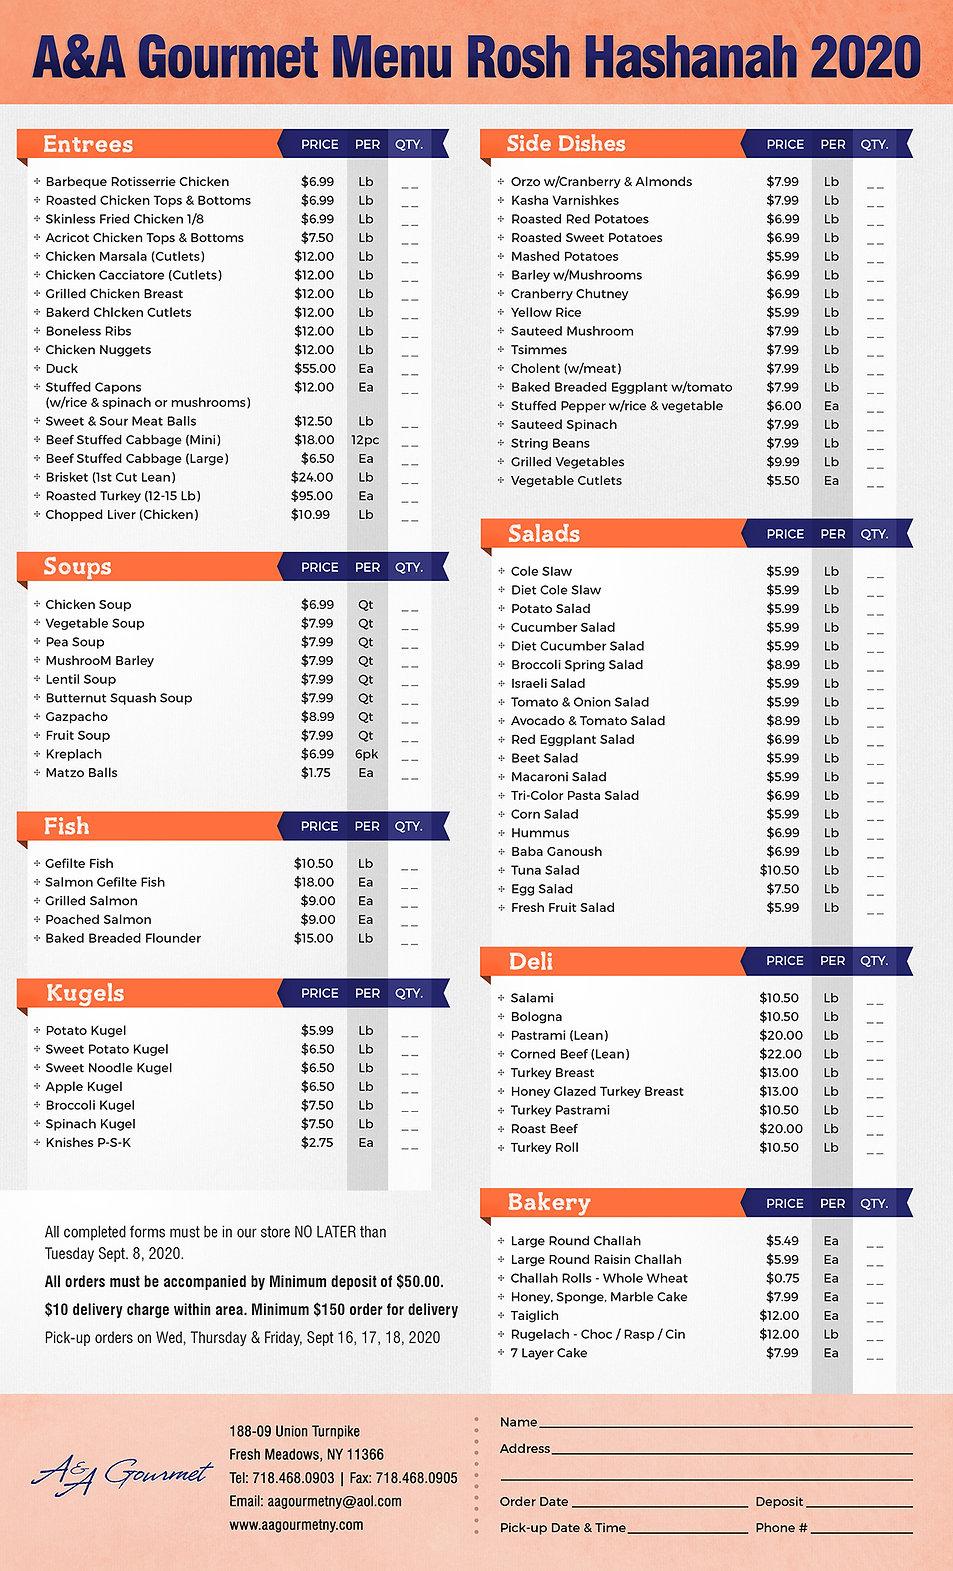 Rosh-Hashnah-2020-menu.jpg